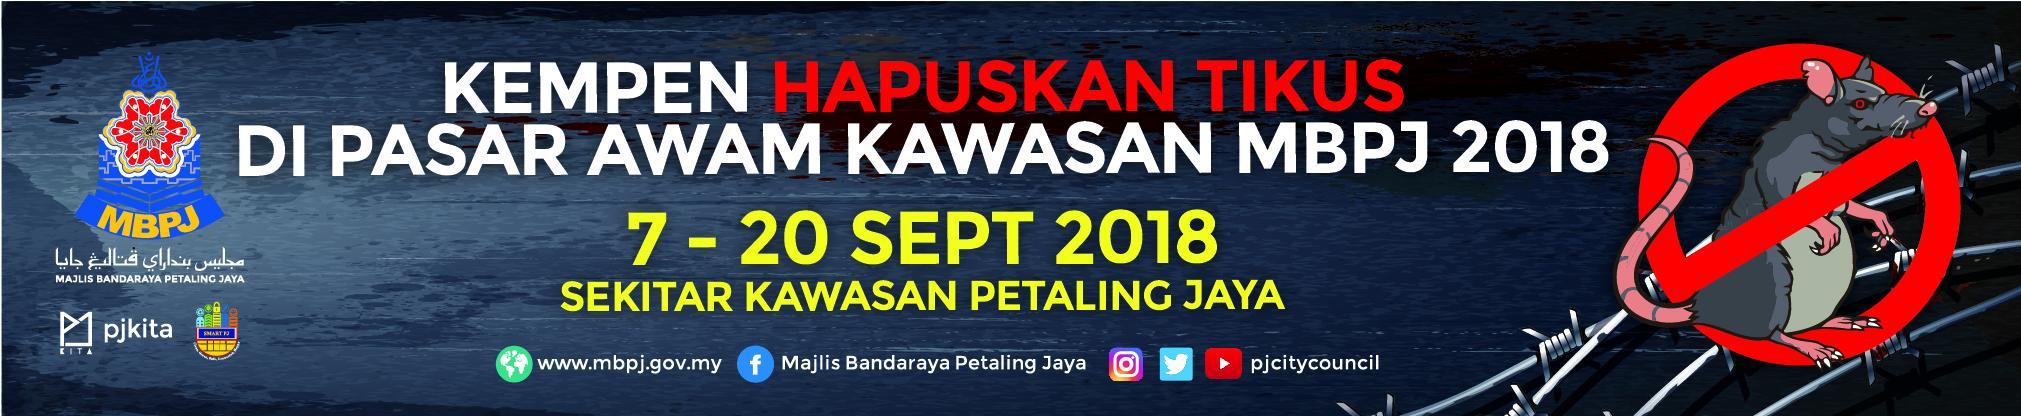 Banner Kempen Hapuskan Tikus 2018